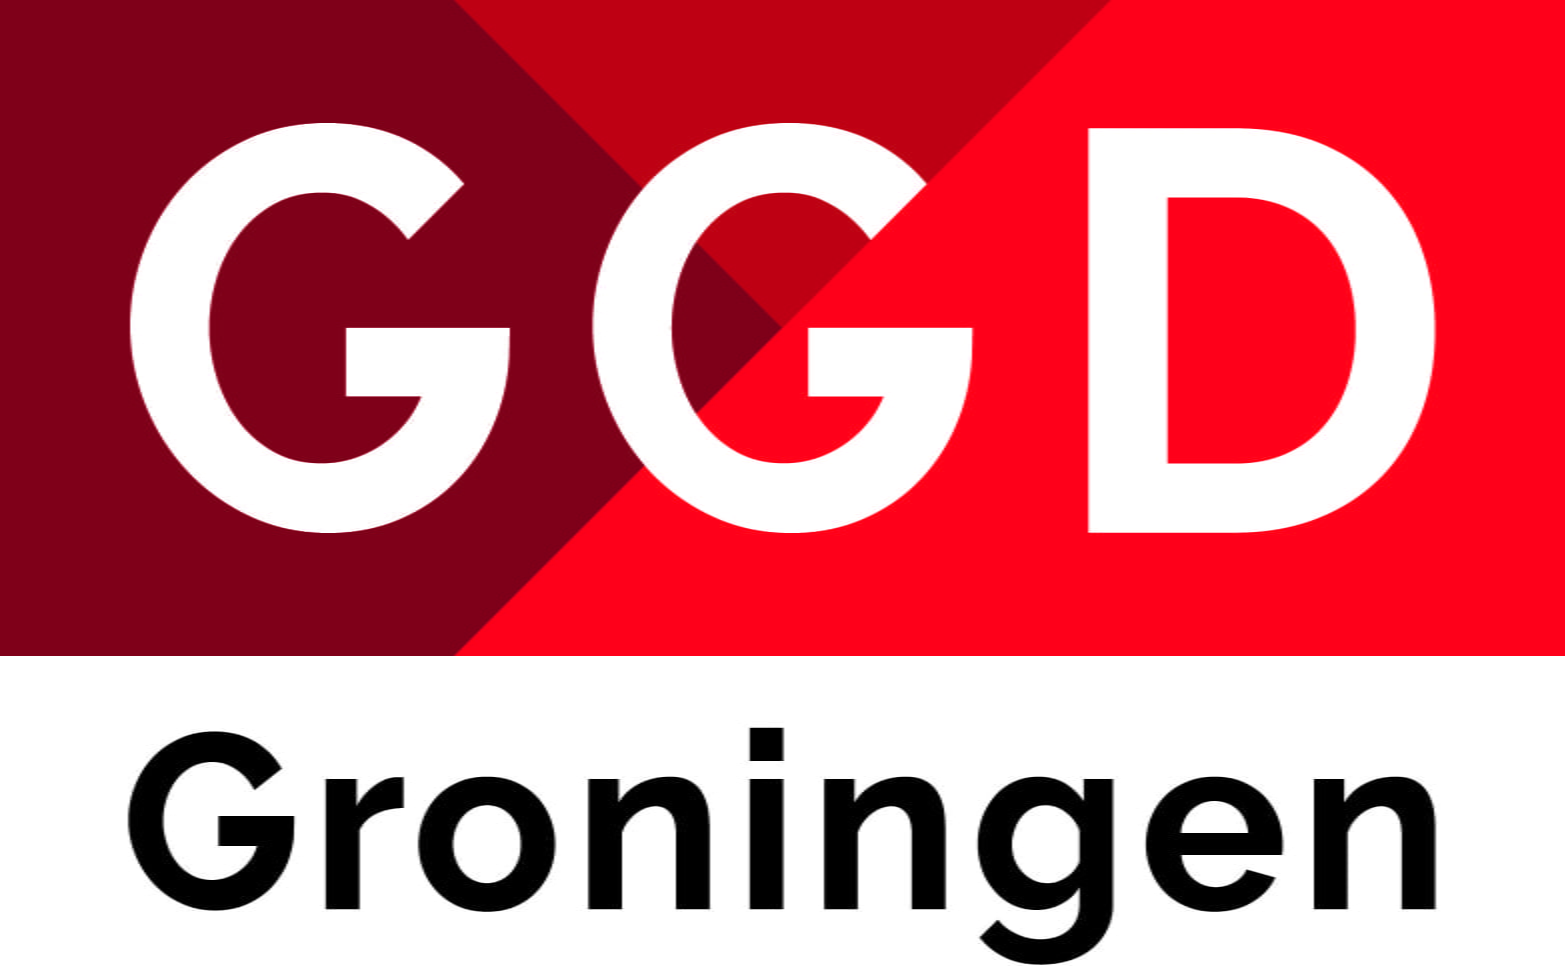 GGD-Groningen_Logo2020_CMYK.jpg